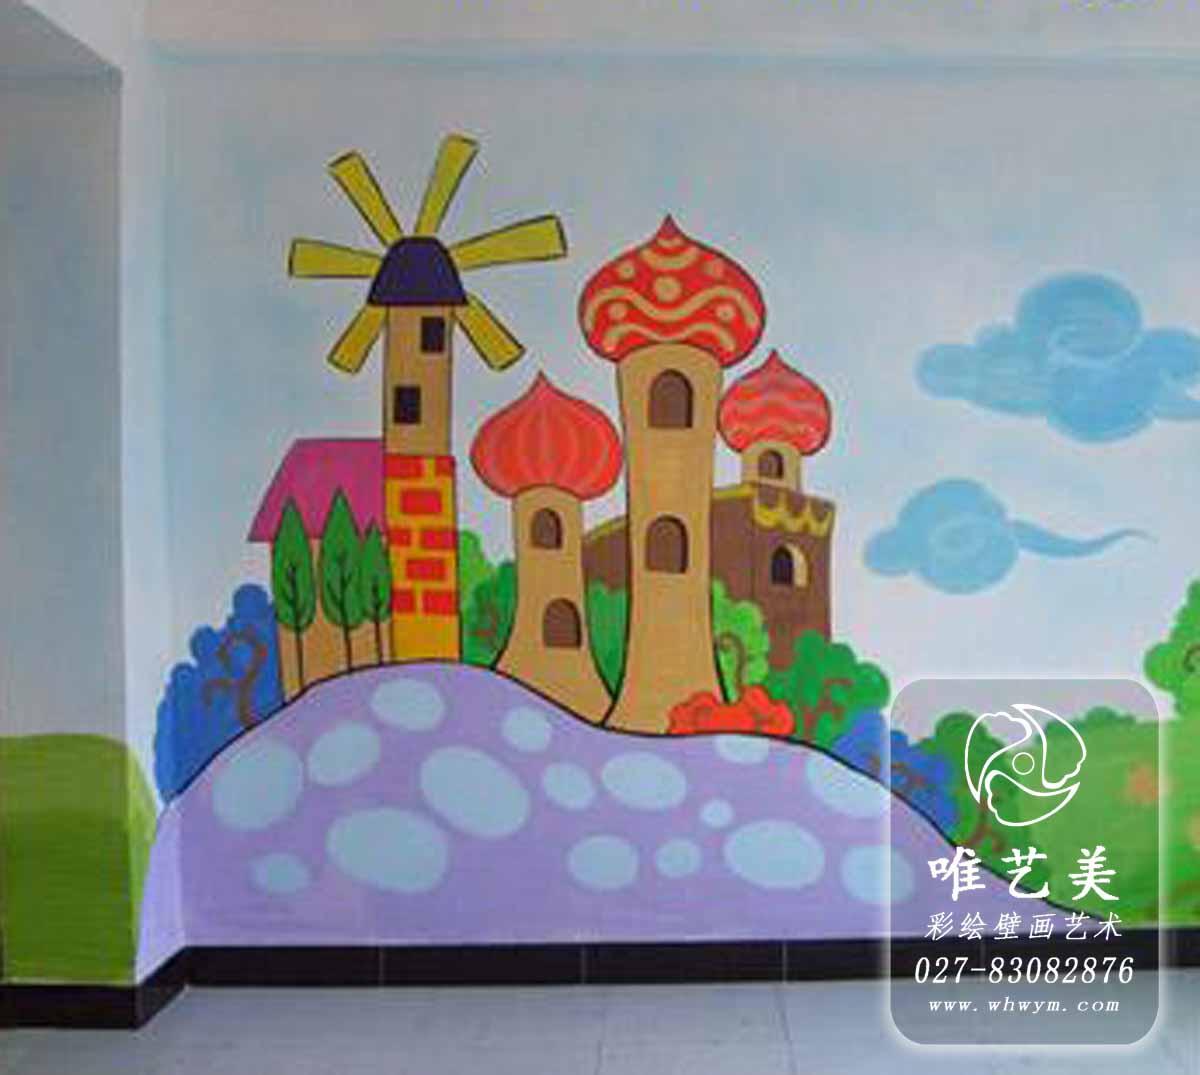 古塔小城堡儿童天地幼儿园彩绘